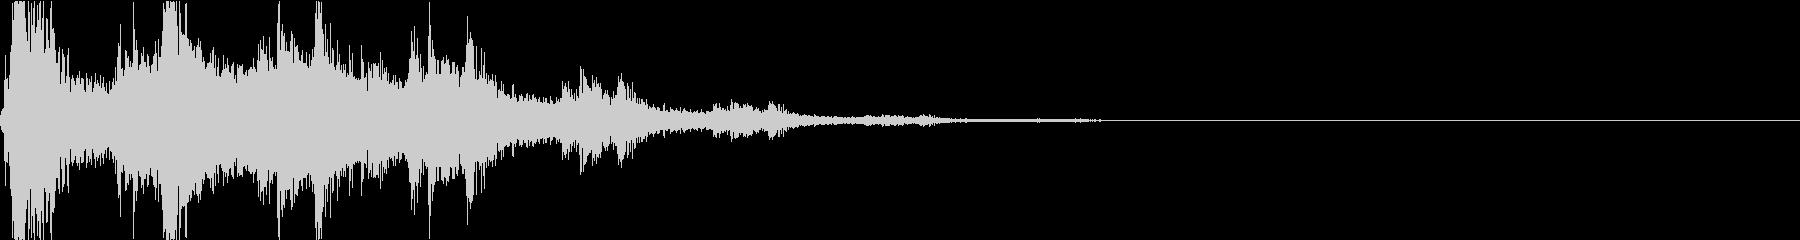 バリン:瓶を投げて割る音・衝撃・物音bの未再生の波形